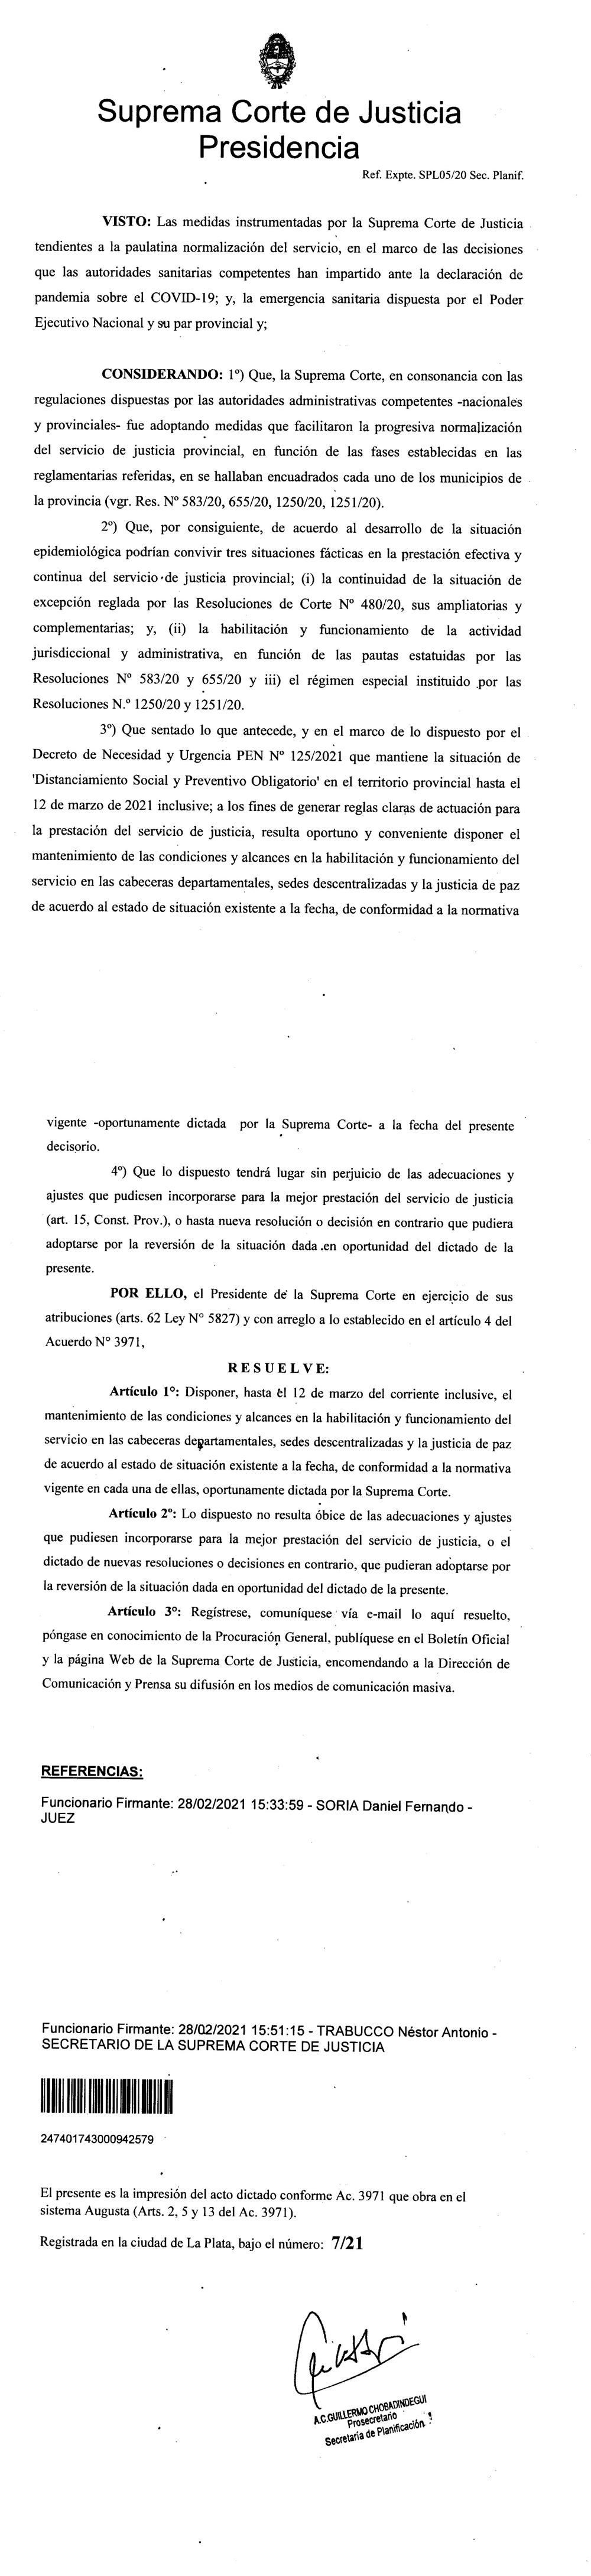 Resolución SPL Nº 07/21,  la Suprema Corte de Justicia dispuso mantener hasta el 12 de marzo de 2021 inclusive las condiciones y alcances de habilitación y funcionamiento vigentes en los organismos judiciales.